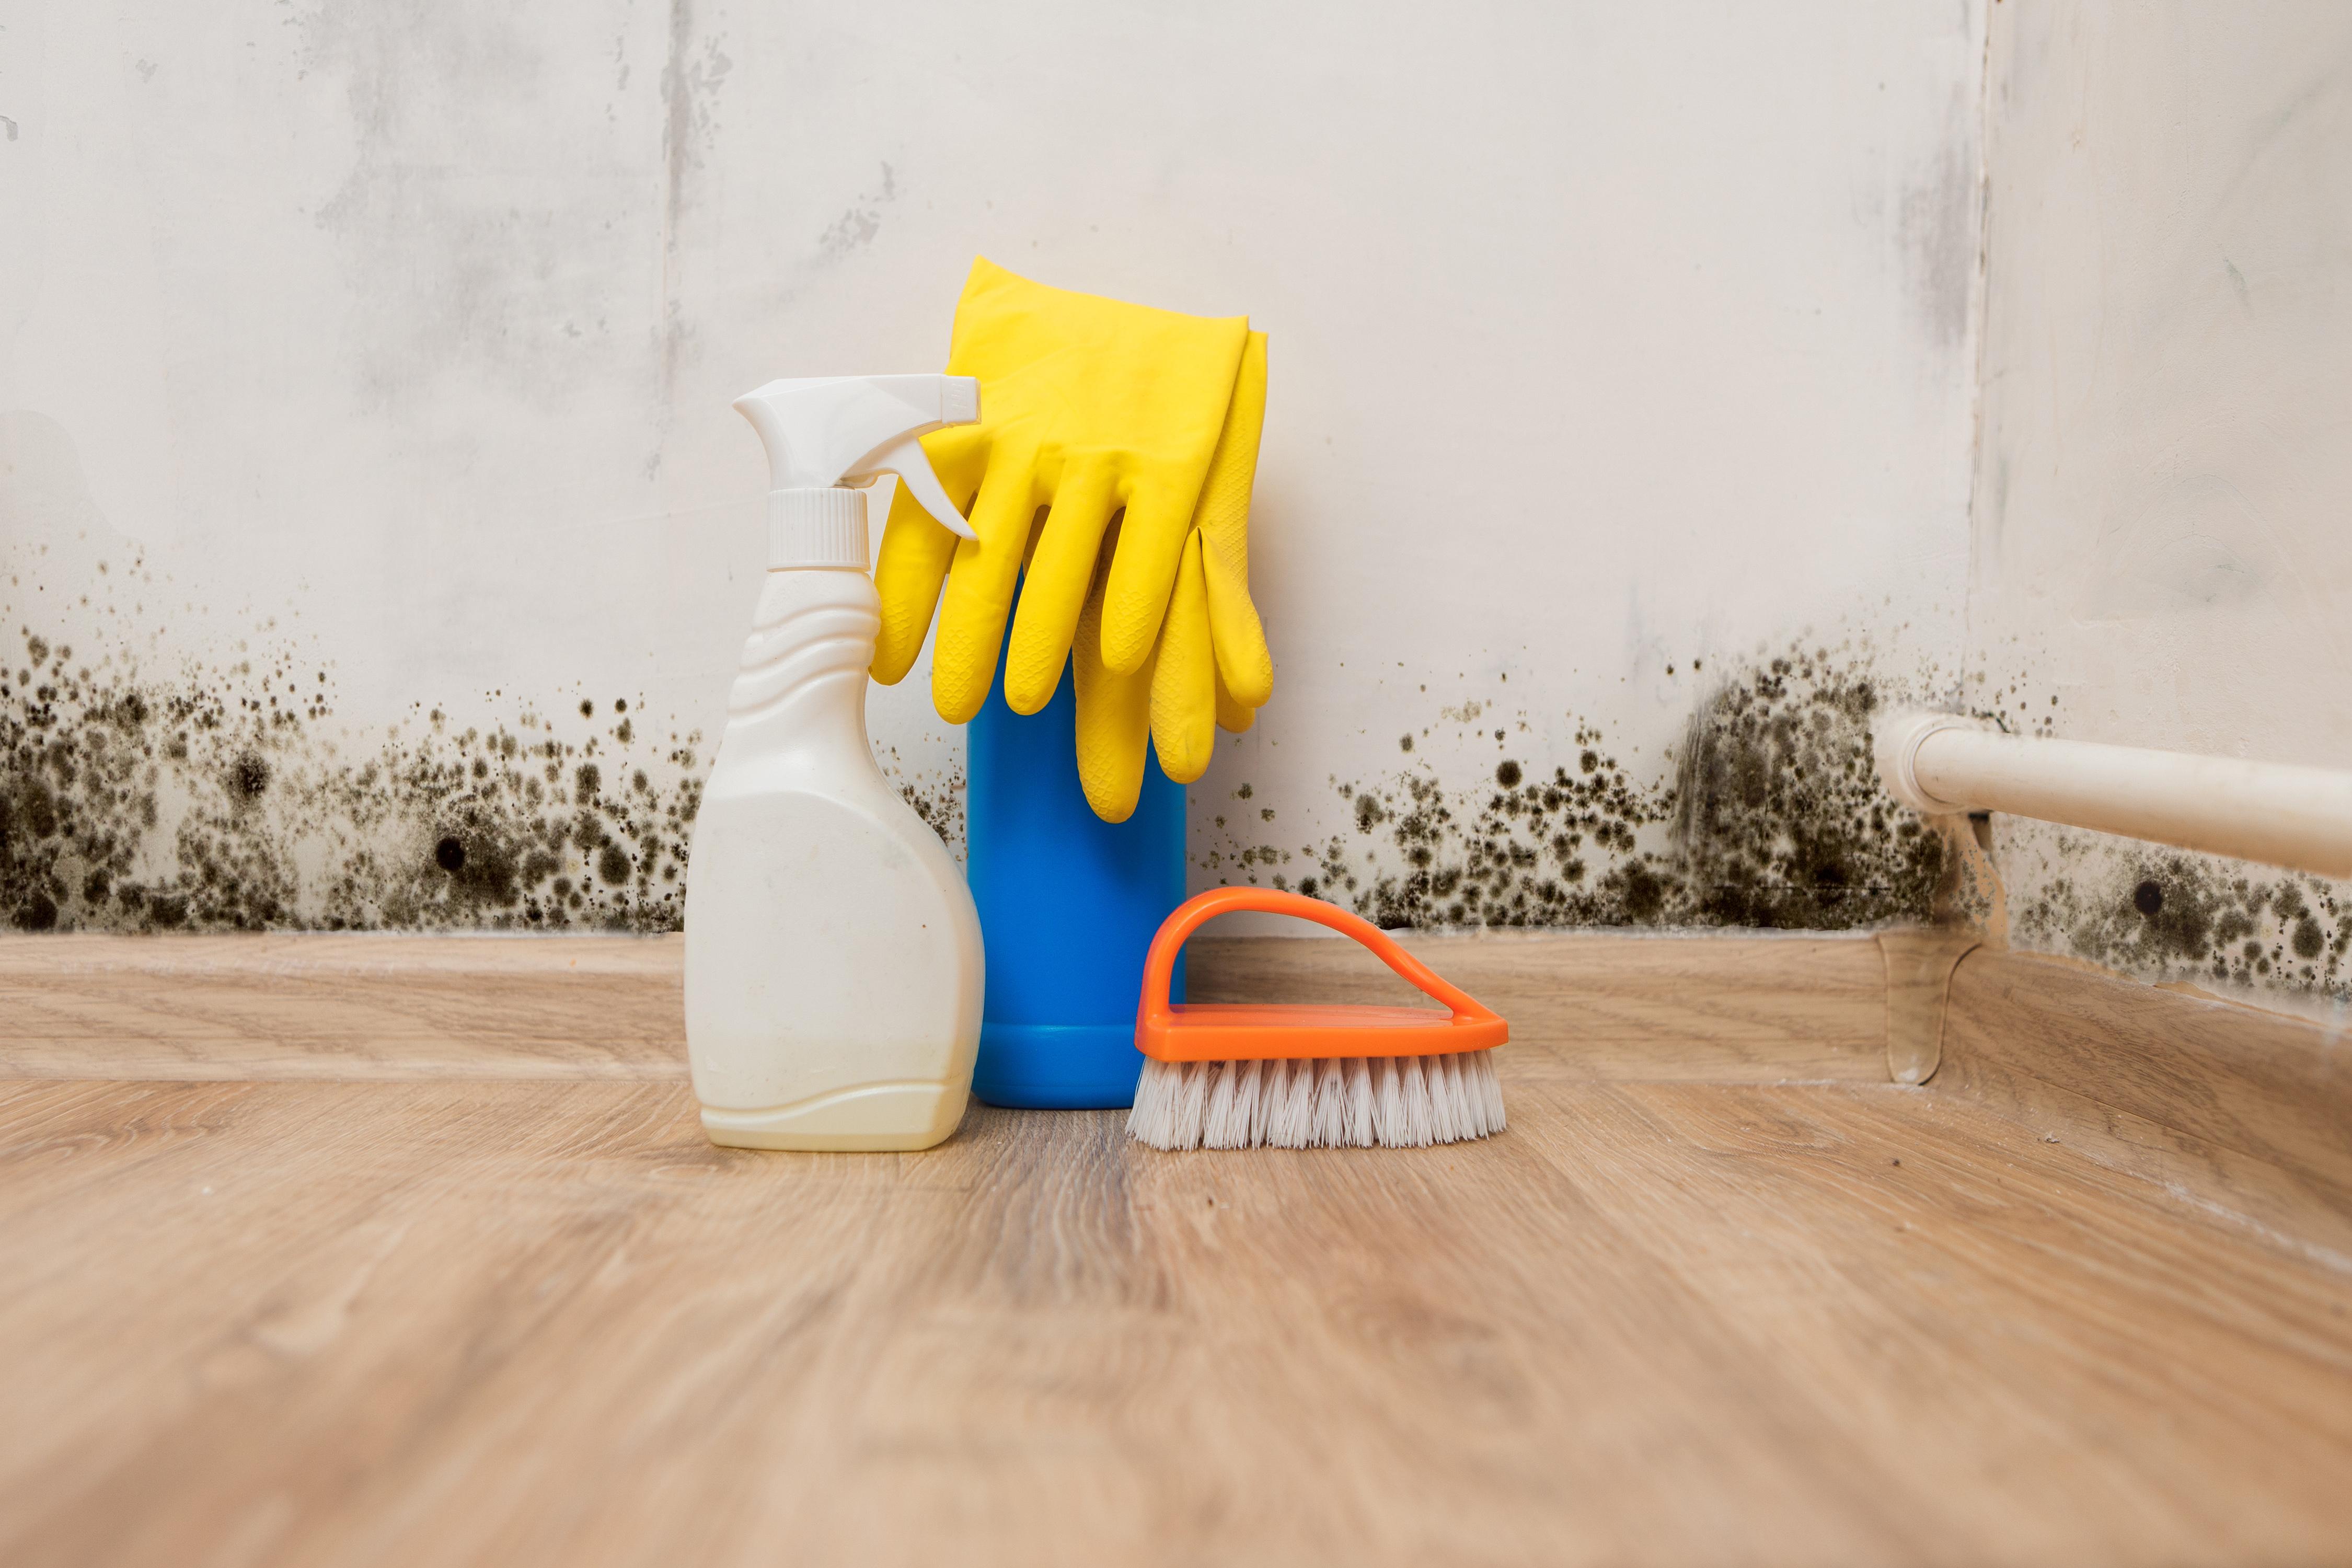 El moho más común que crece dentro o fuera del hogar es el de color negro, conocido científicamente por el nombre de cladosporium. Si su presencia no es abundante, éste se puede remover con agua con cloro y otros productos de limpieza especiales para ello.